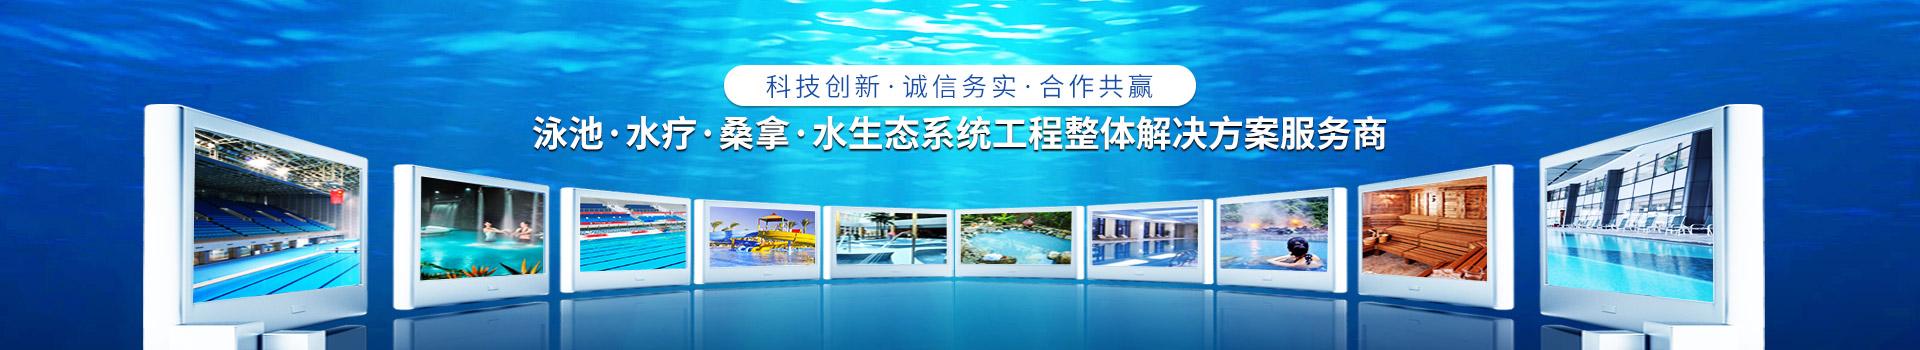 南宁长江源-泳池,水疗,桑拿,水生态系统工程整体解决方案服务商